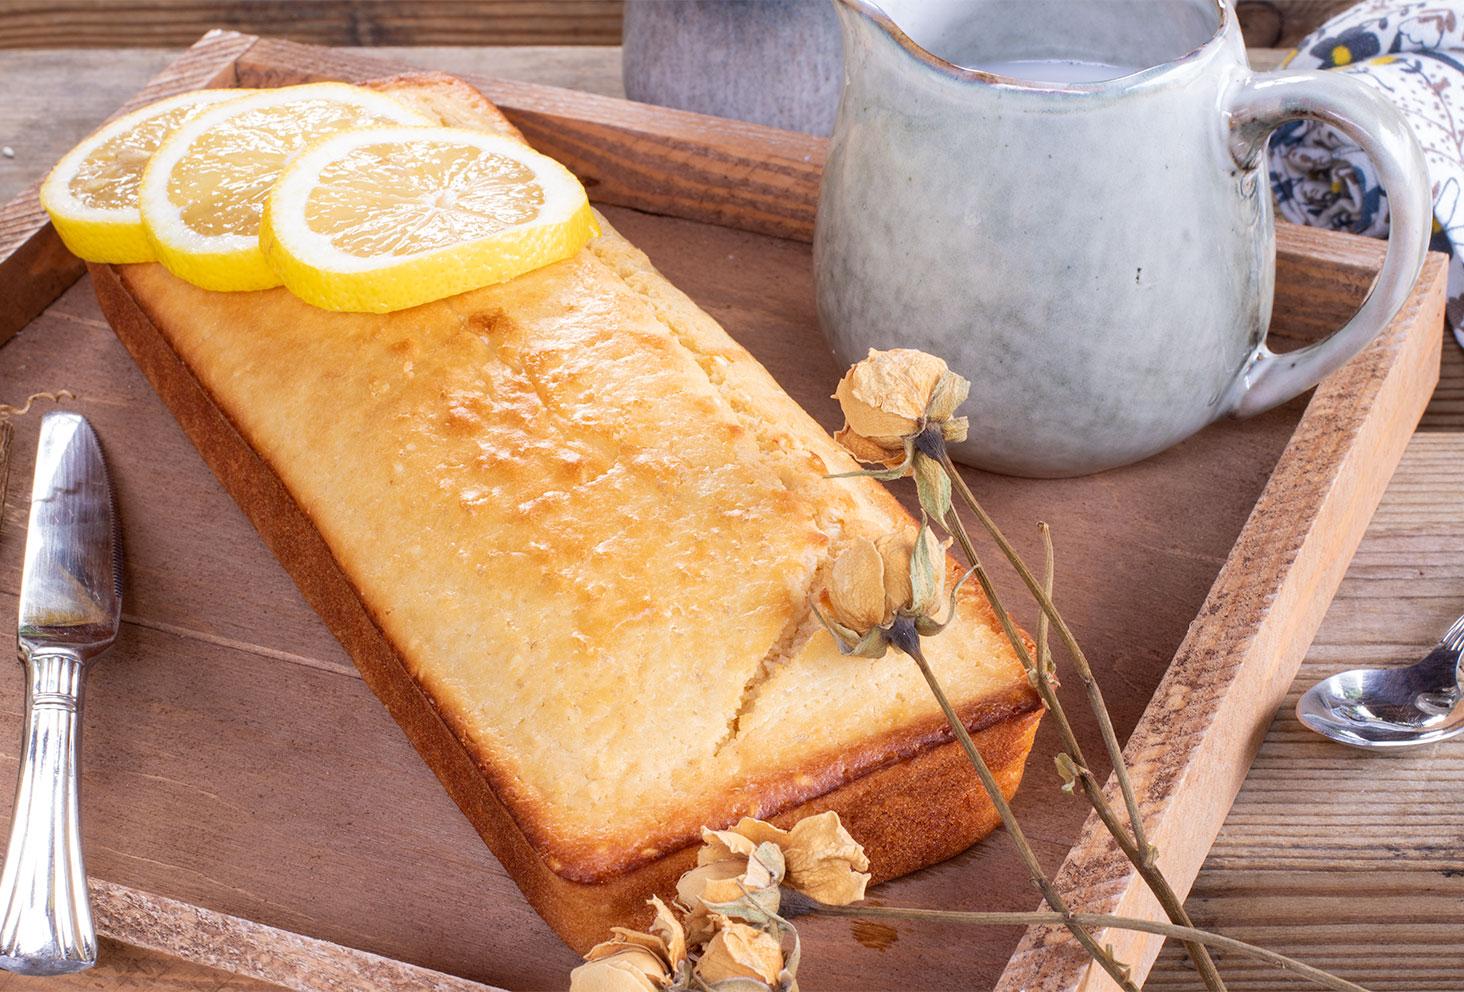 Un cake au citron sur un plateau en bois au milieu de fleurs séchées jaunes pour le goûter